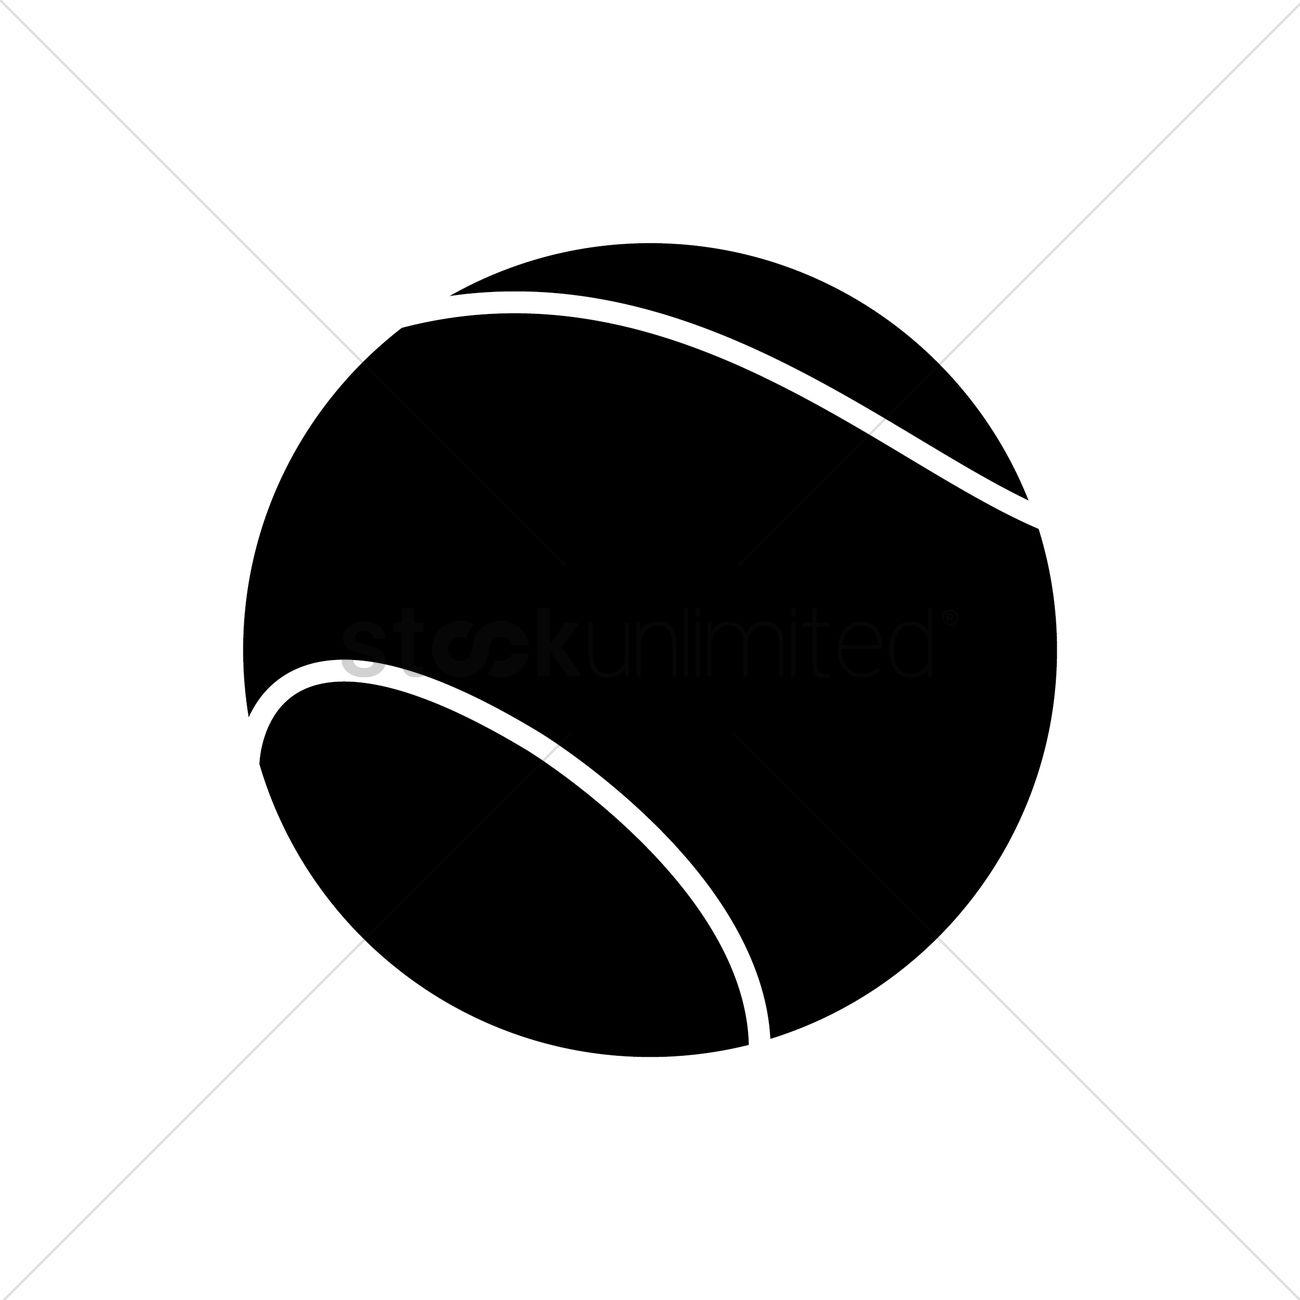 1300x1300 Tennis Ball Vector Image